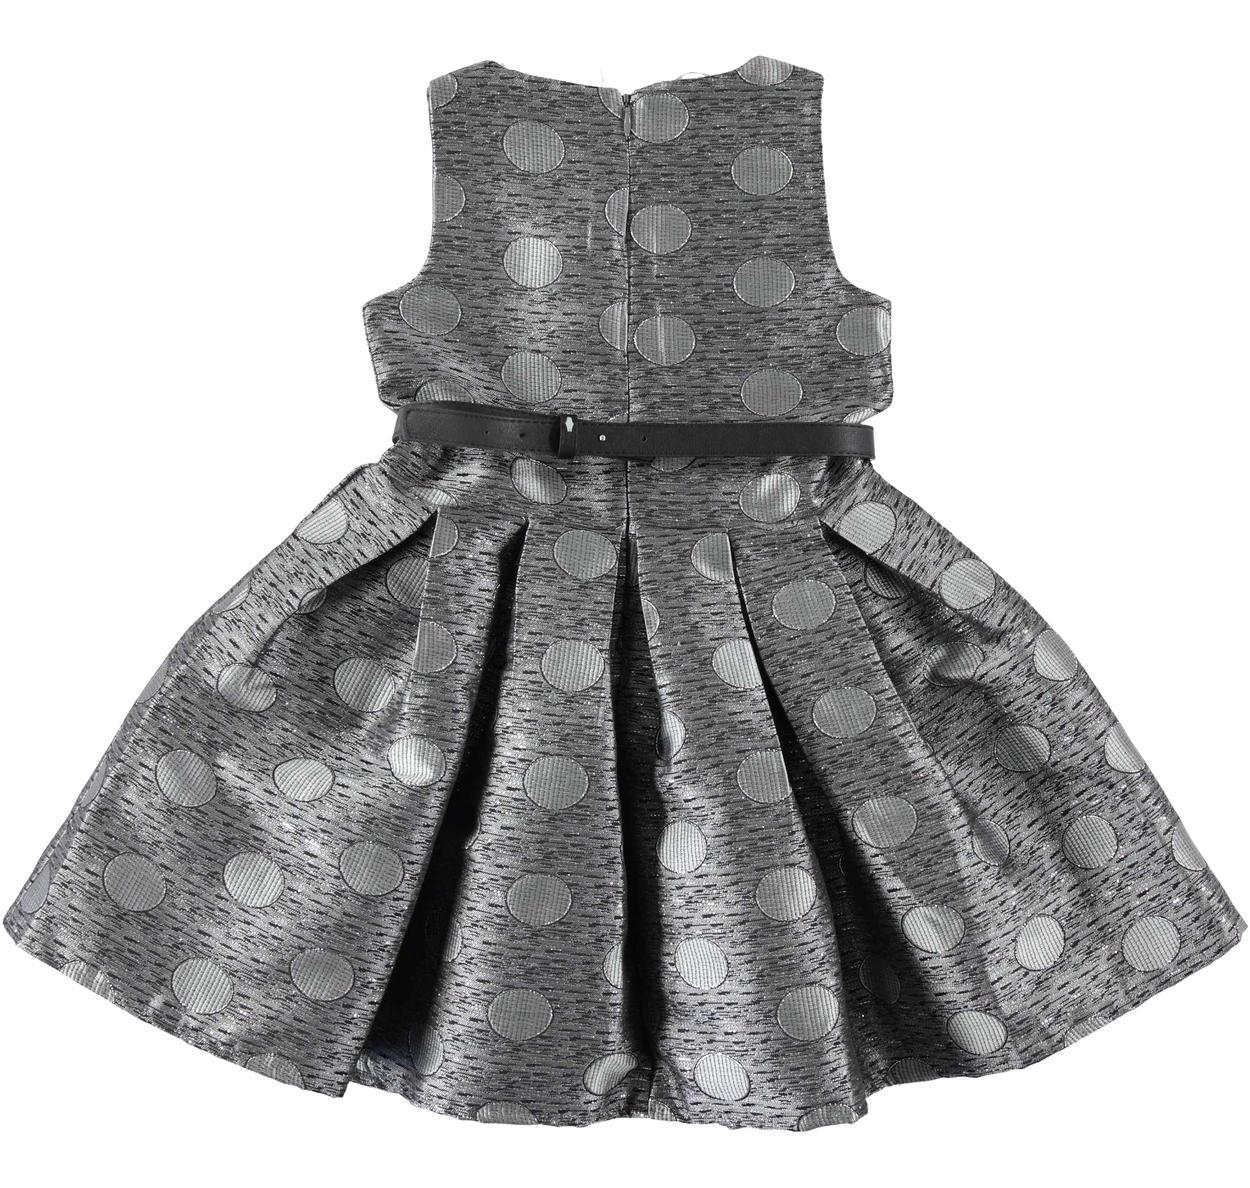 Prezioso vestito scamiciato con fantasia pois per bambina da 6 a 16 anni  Sarabanda. GRIGIO-GRIGIO-6J37. BLU-NERO-6J35 back. GRIGIO-GRIGIO-6J37 back. cd9fa41ed30